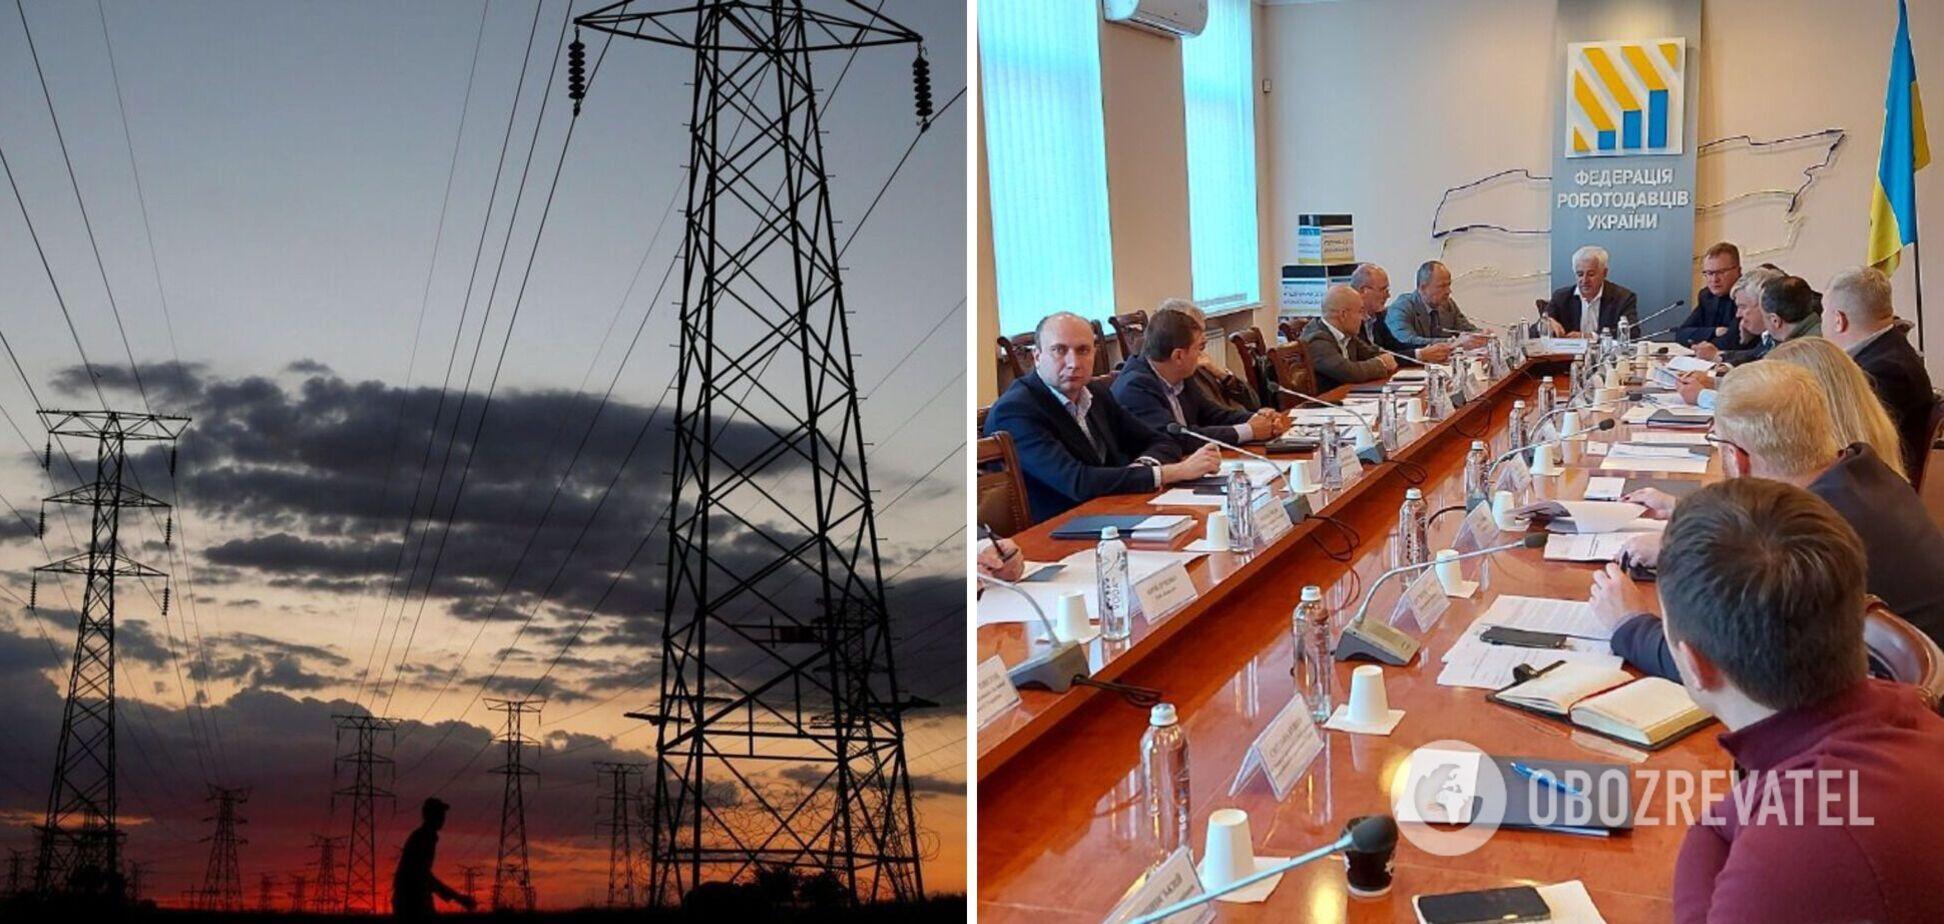 Федерація роботодавців України підтримала ідею Тимошенко про введення НС в енергетиці